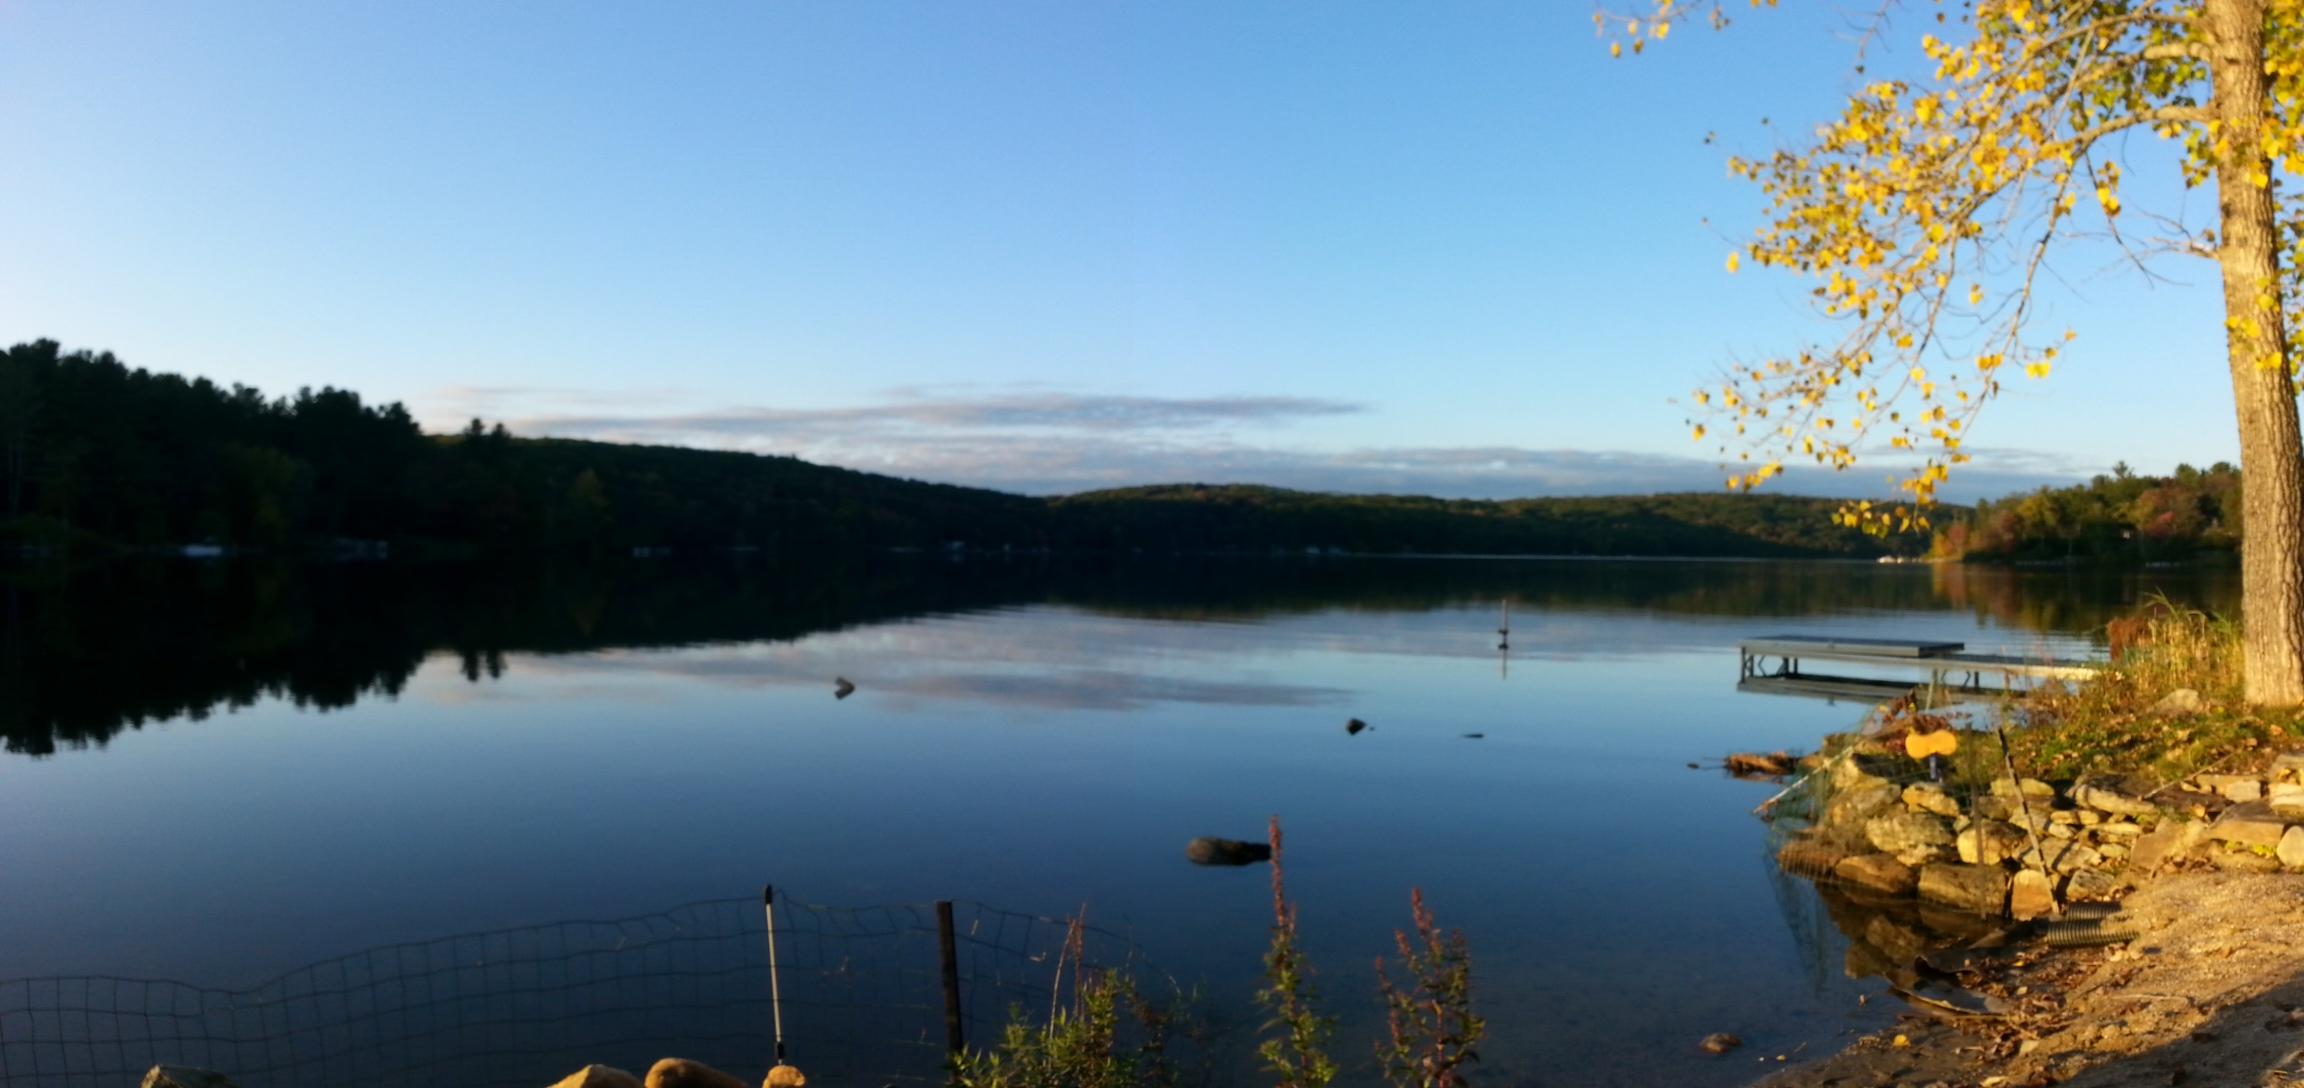 lake panaramic.jpg